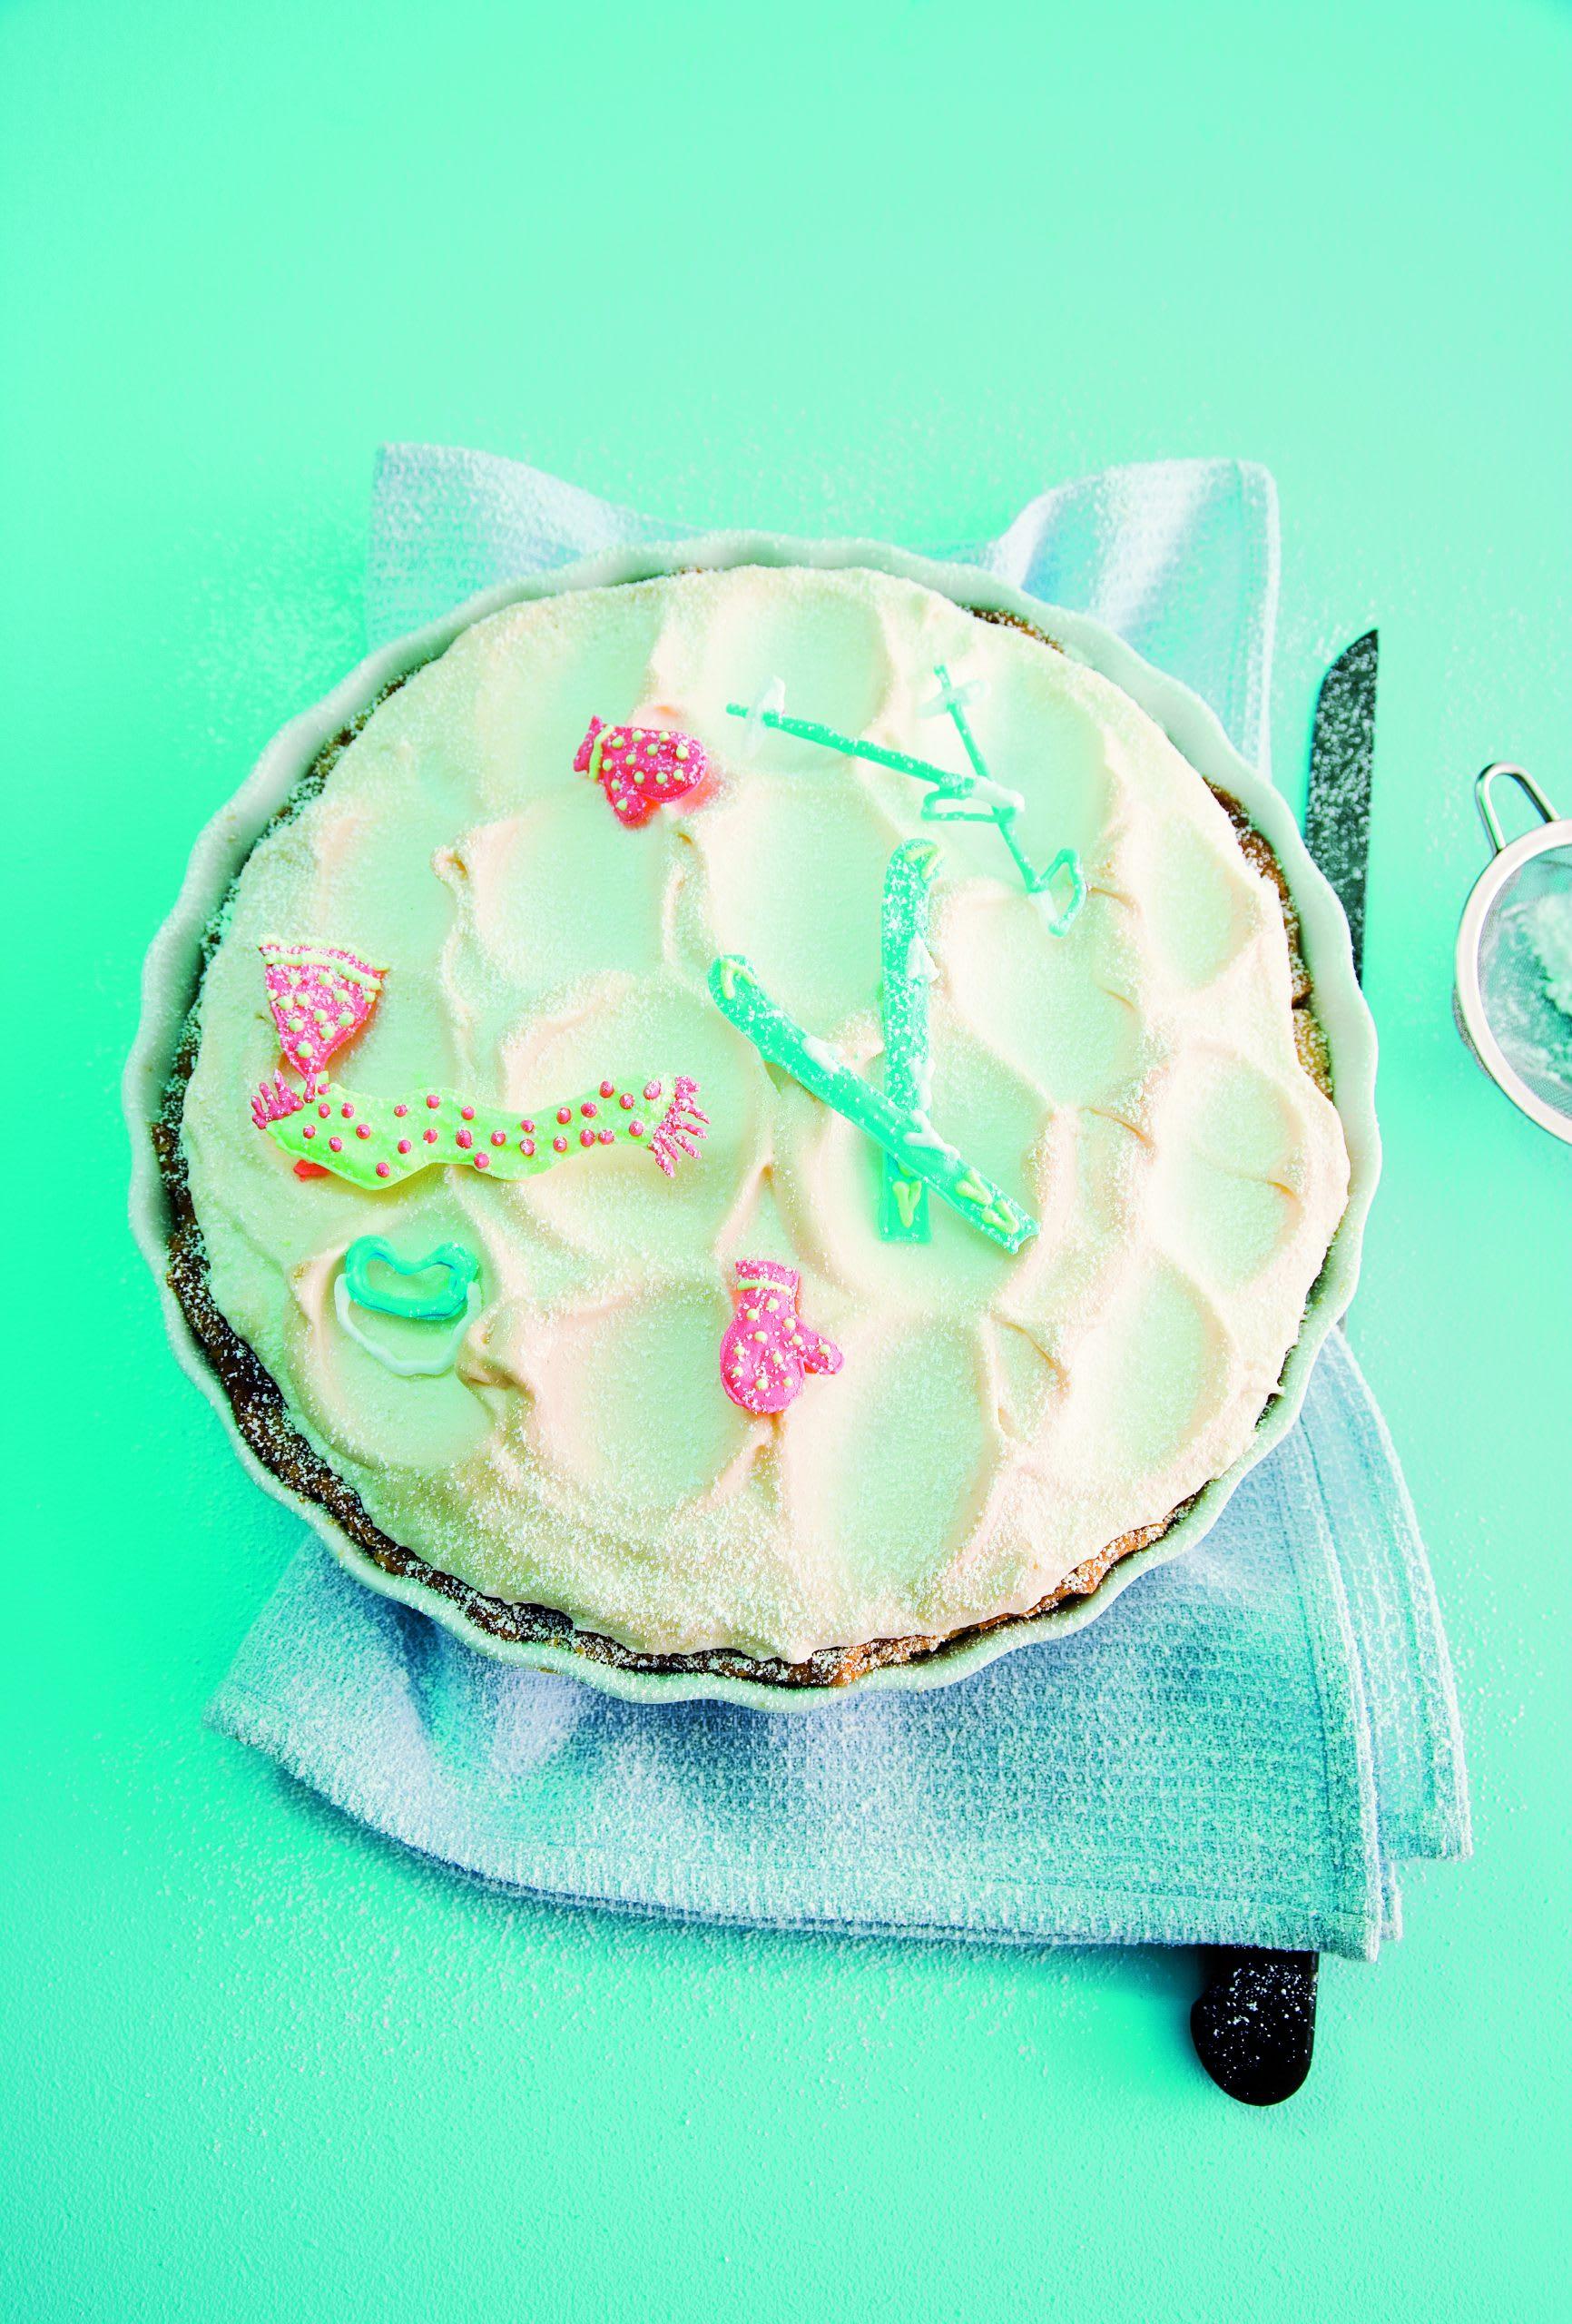 Orangen-Meringue-Torte